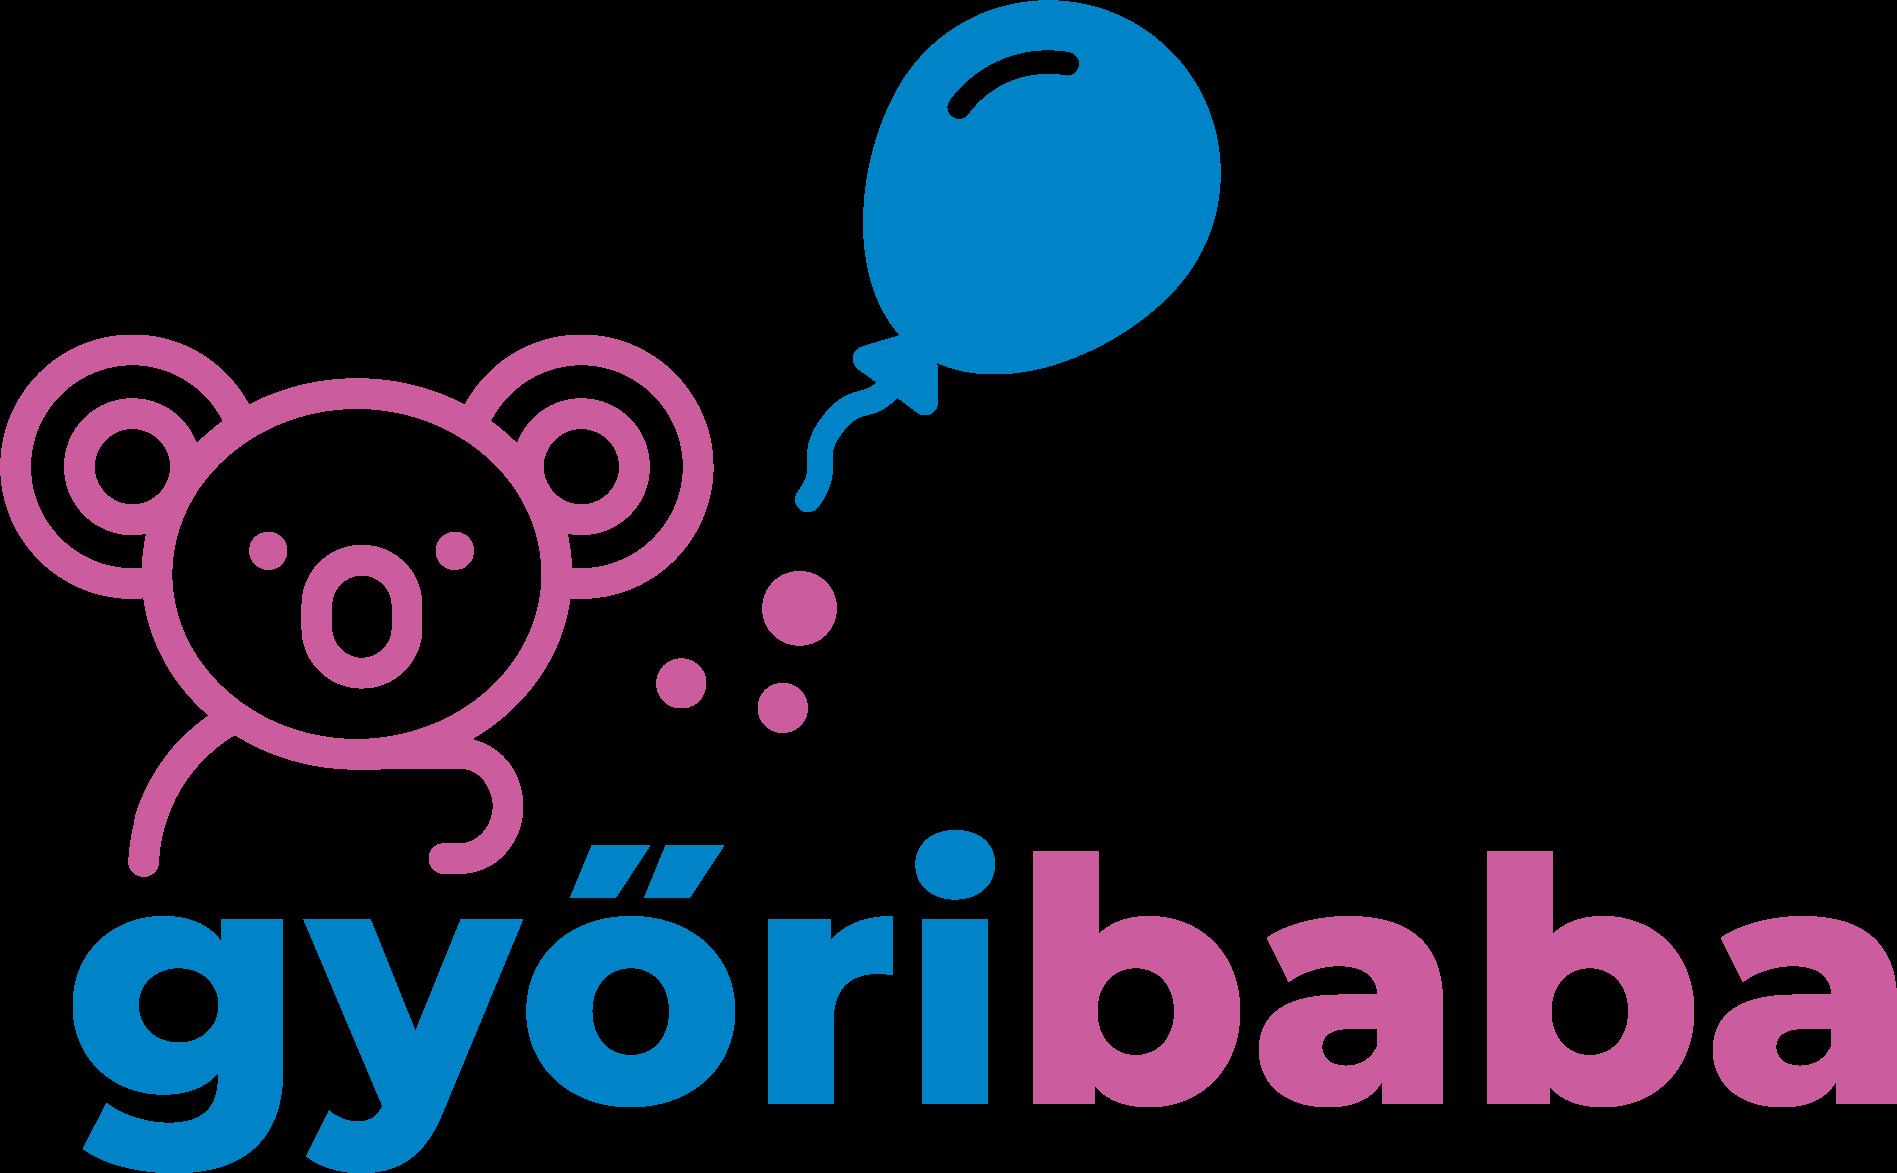 Győribaba